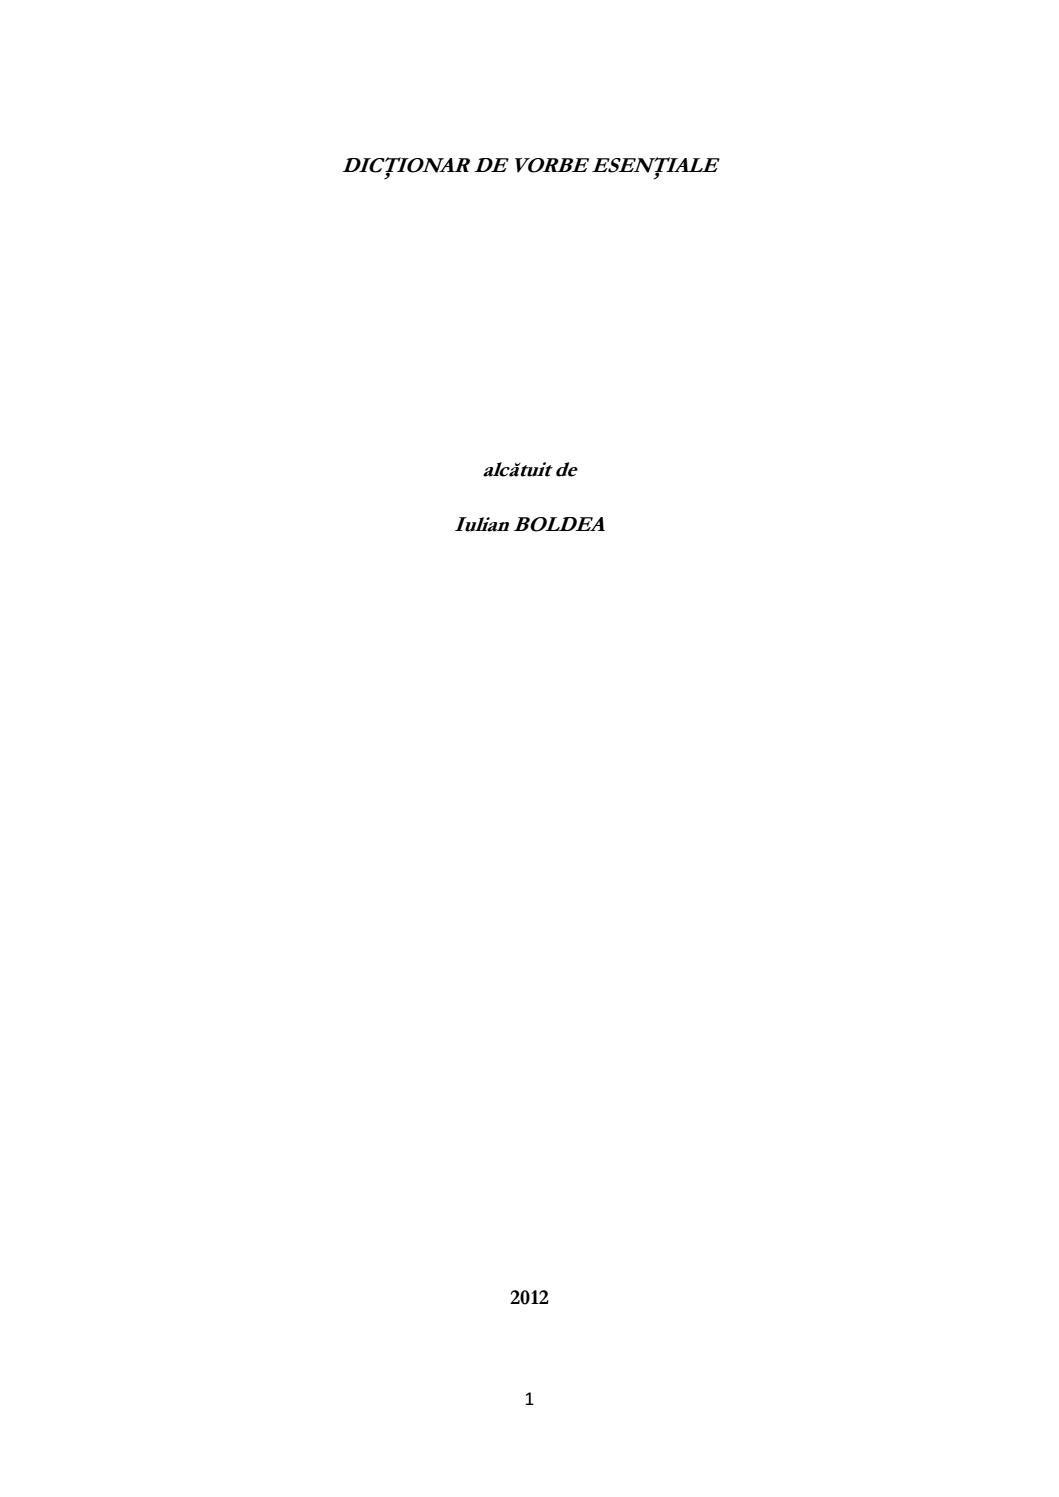 Crearea unei bibliografii, a citatelor și a referințelor - Word